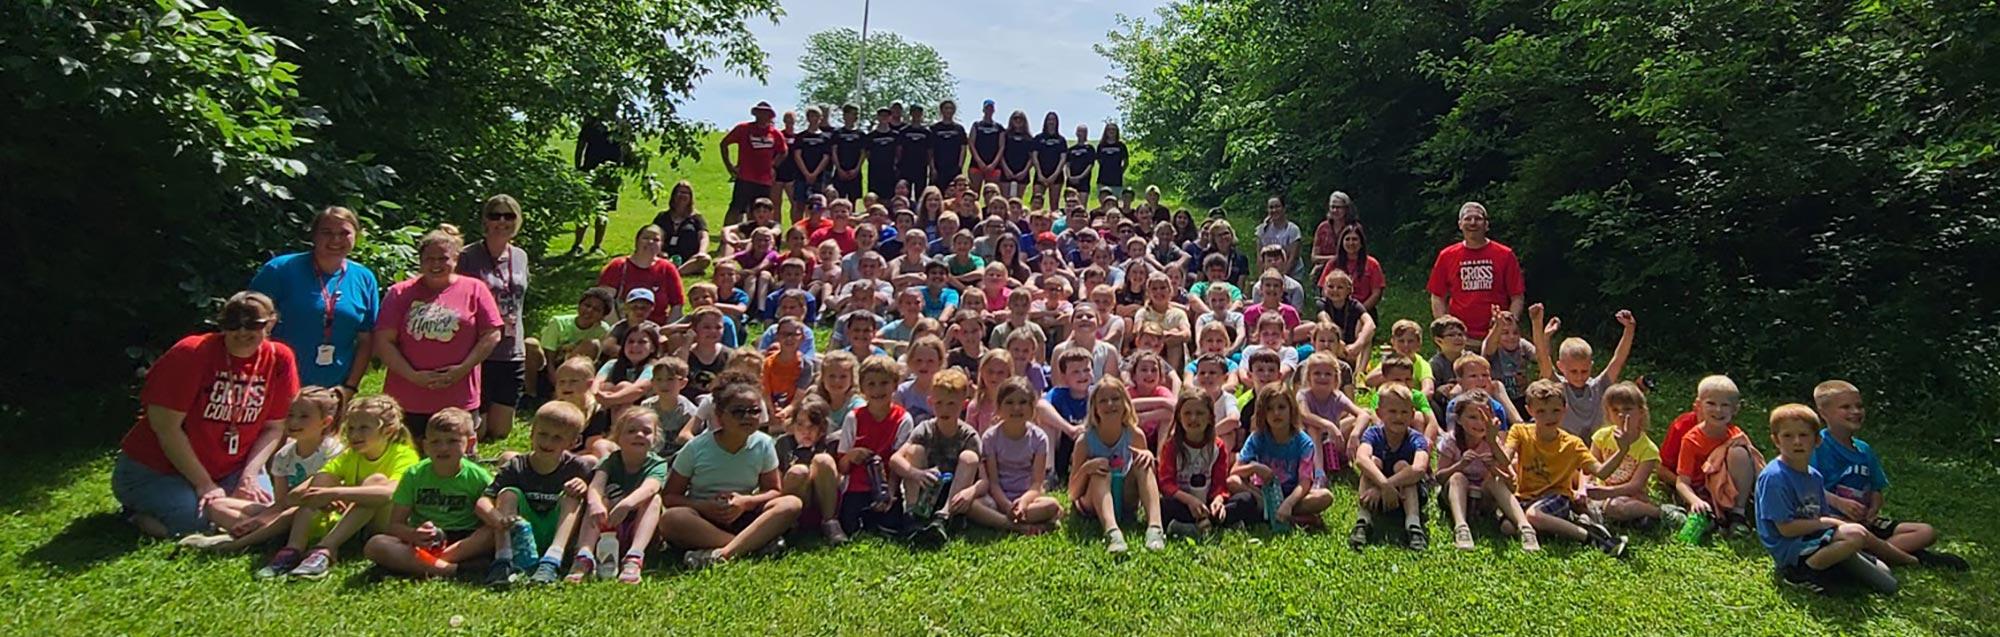 Immanuel School Field Day